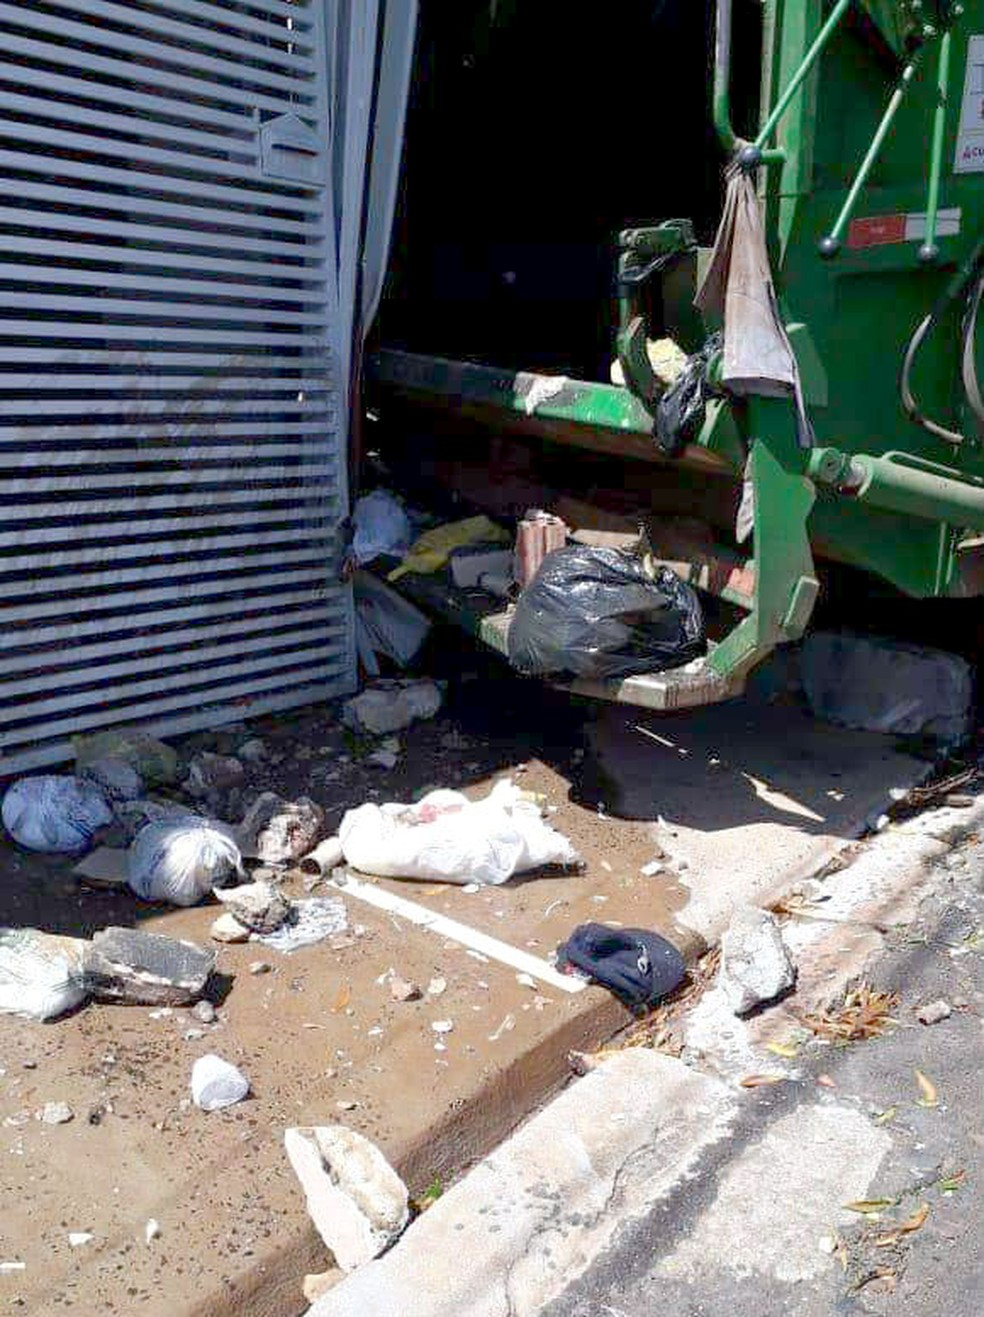 Na batida, lixo ficou espalhado na calçada e portão de ferro do imóvel acabou danificado — Foto: Arquivo pessoal